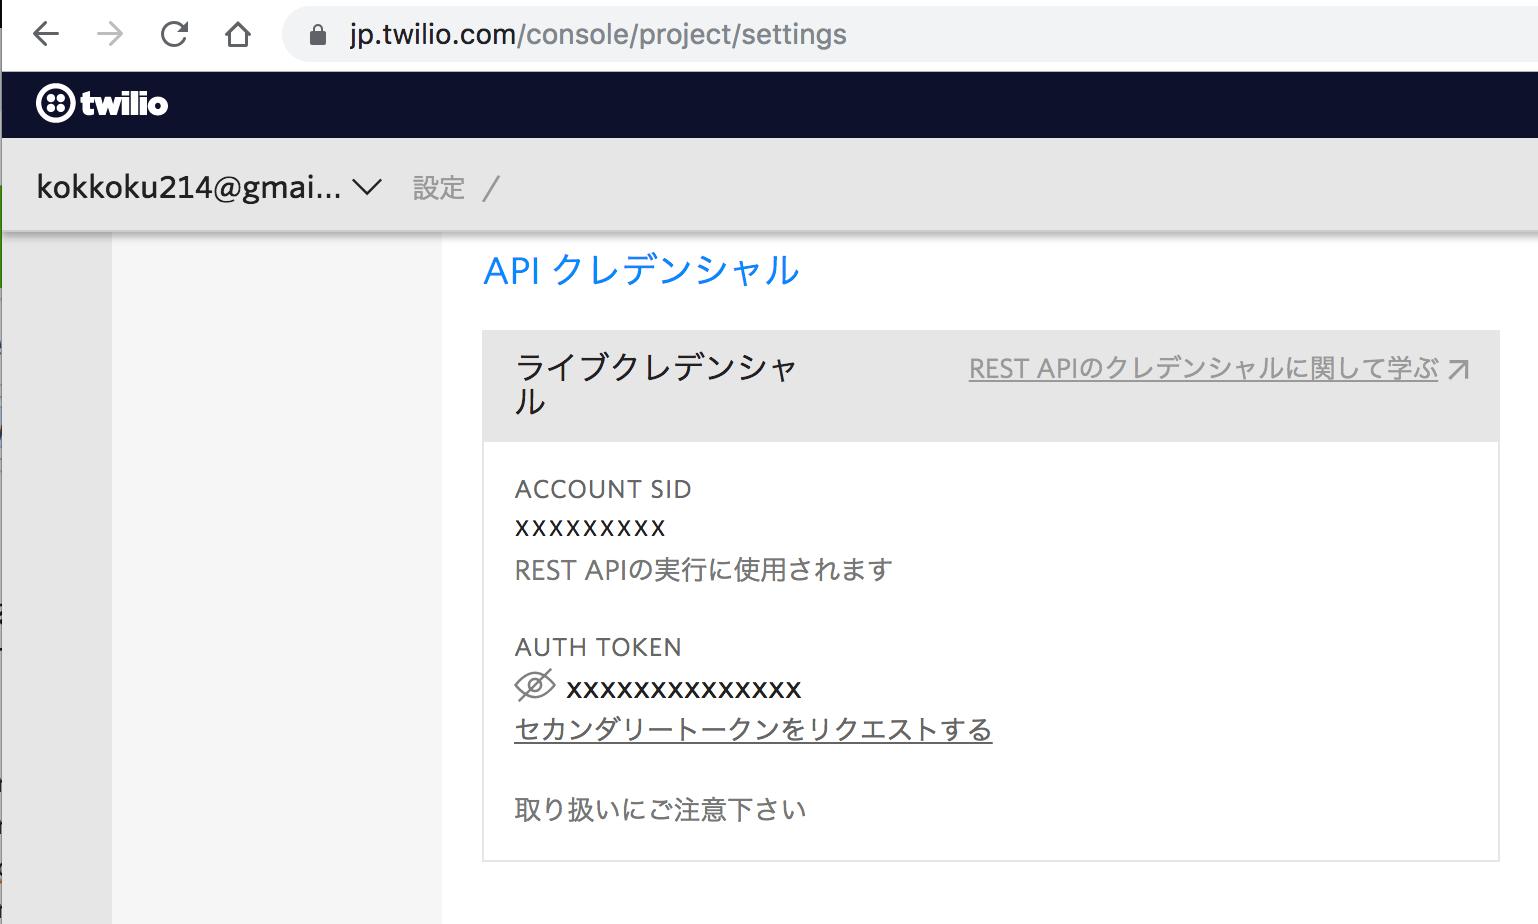 スクリーンショット 2019-02-02 23.17.08.png